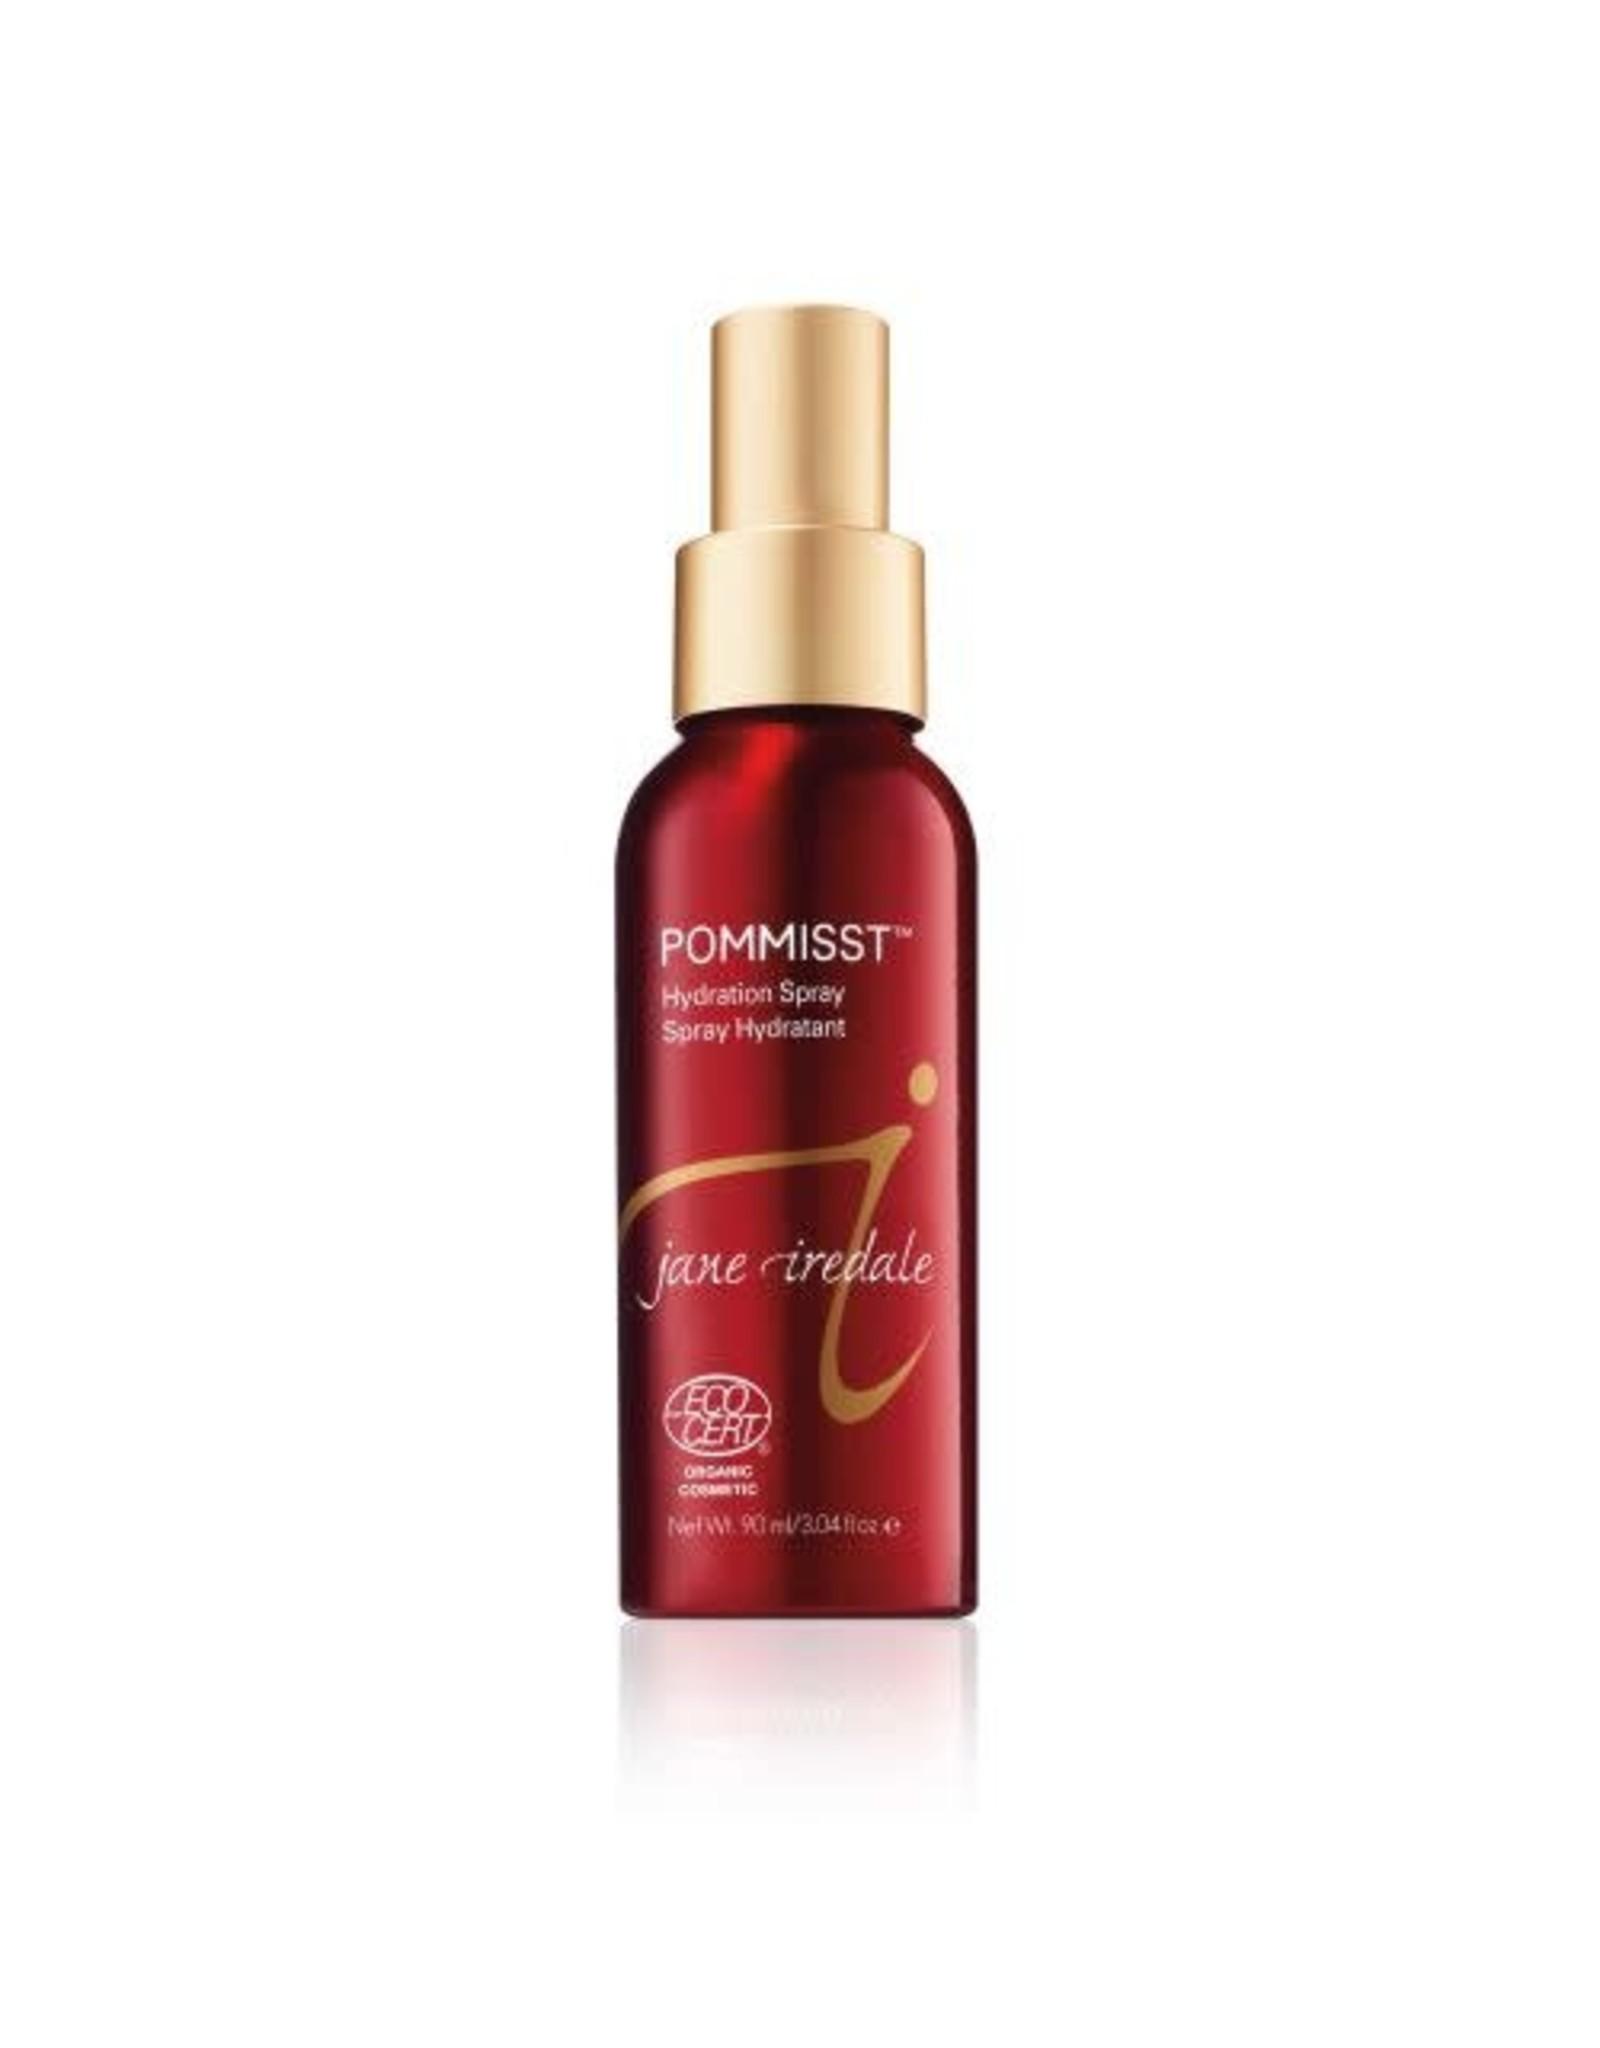 Jane Iredale Mini POMMISST Hydration Spray